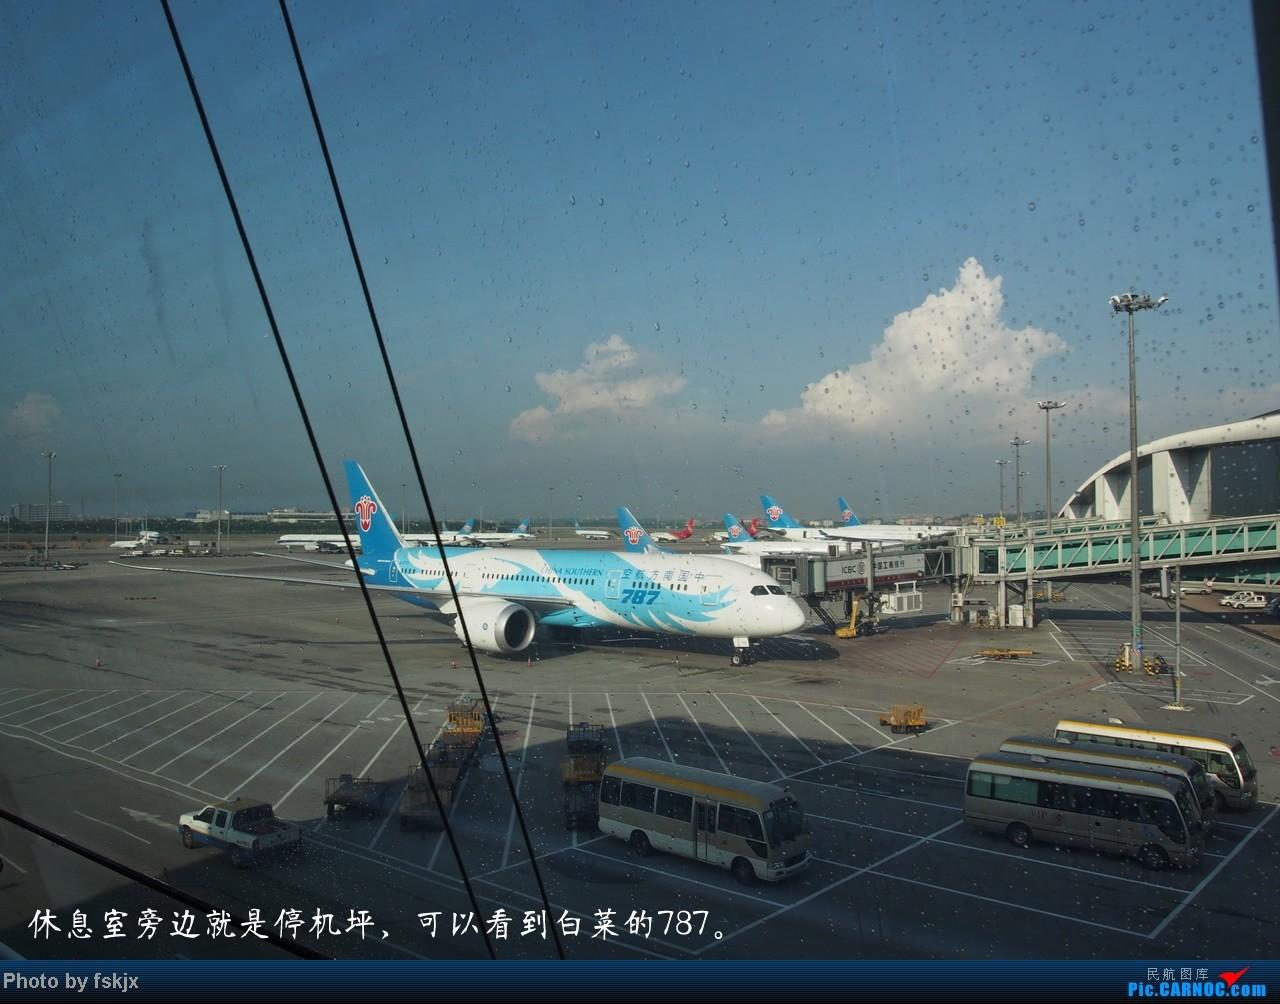 【fskjx的飞行游记☆9】盛夏贵州避暑,感受壮观的黄果树瀑布 BOEING 787-8 B-2733 中国广州白云机场